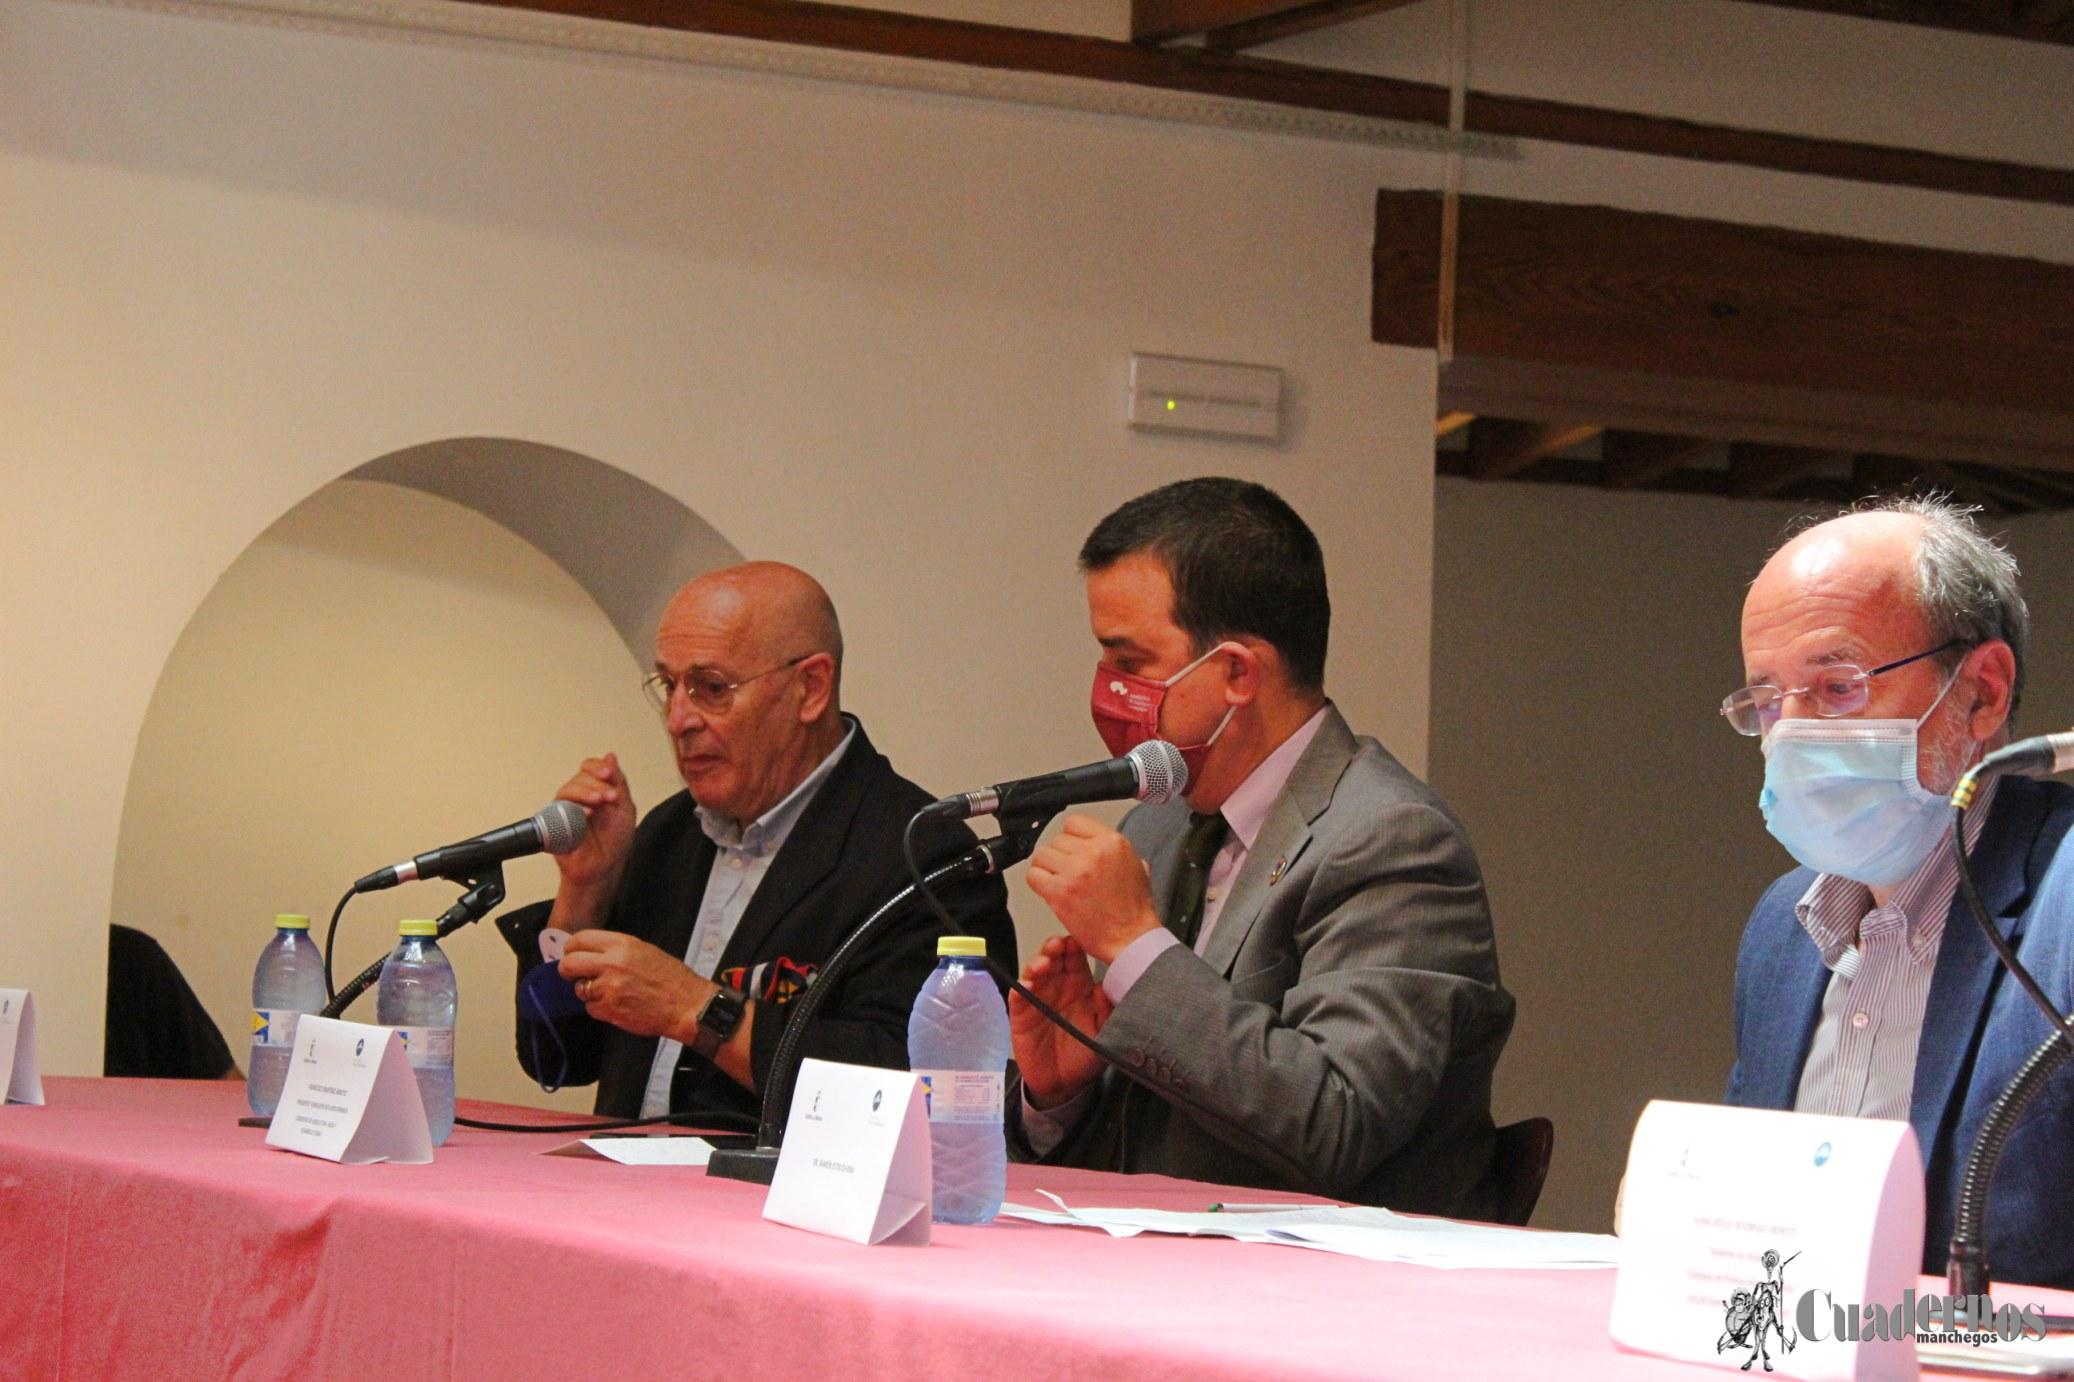 Tomelloso fundación Dieta Mediterránea